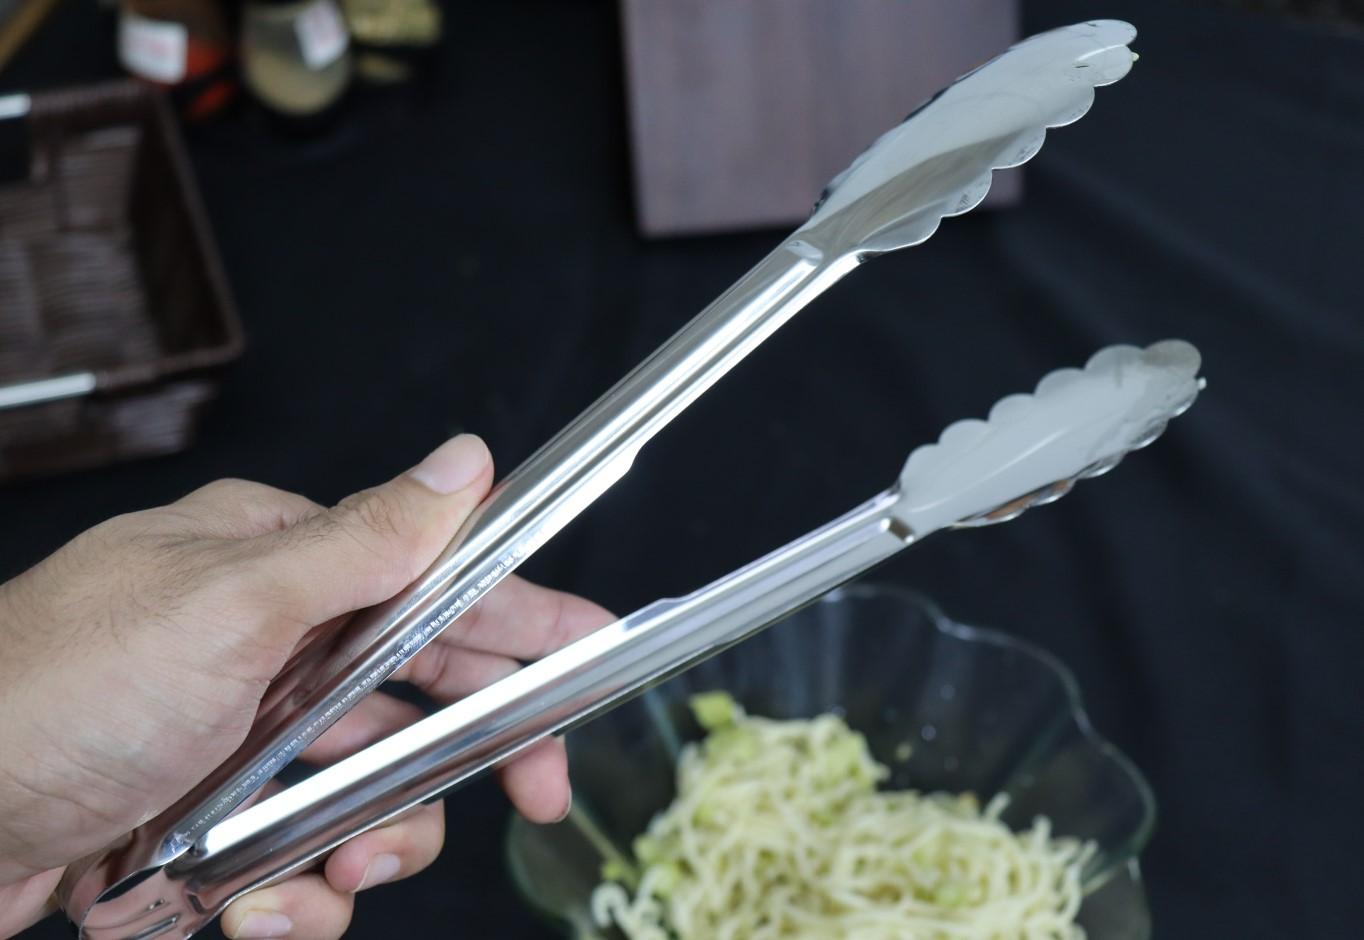 Pegador churrasco macarrão massas carne salada cozinha pinça culinaria 28cm aço inox